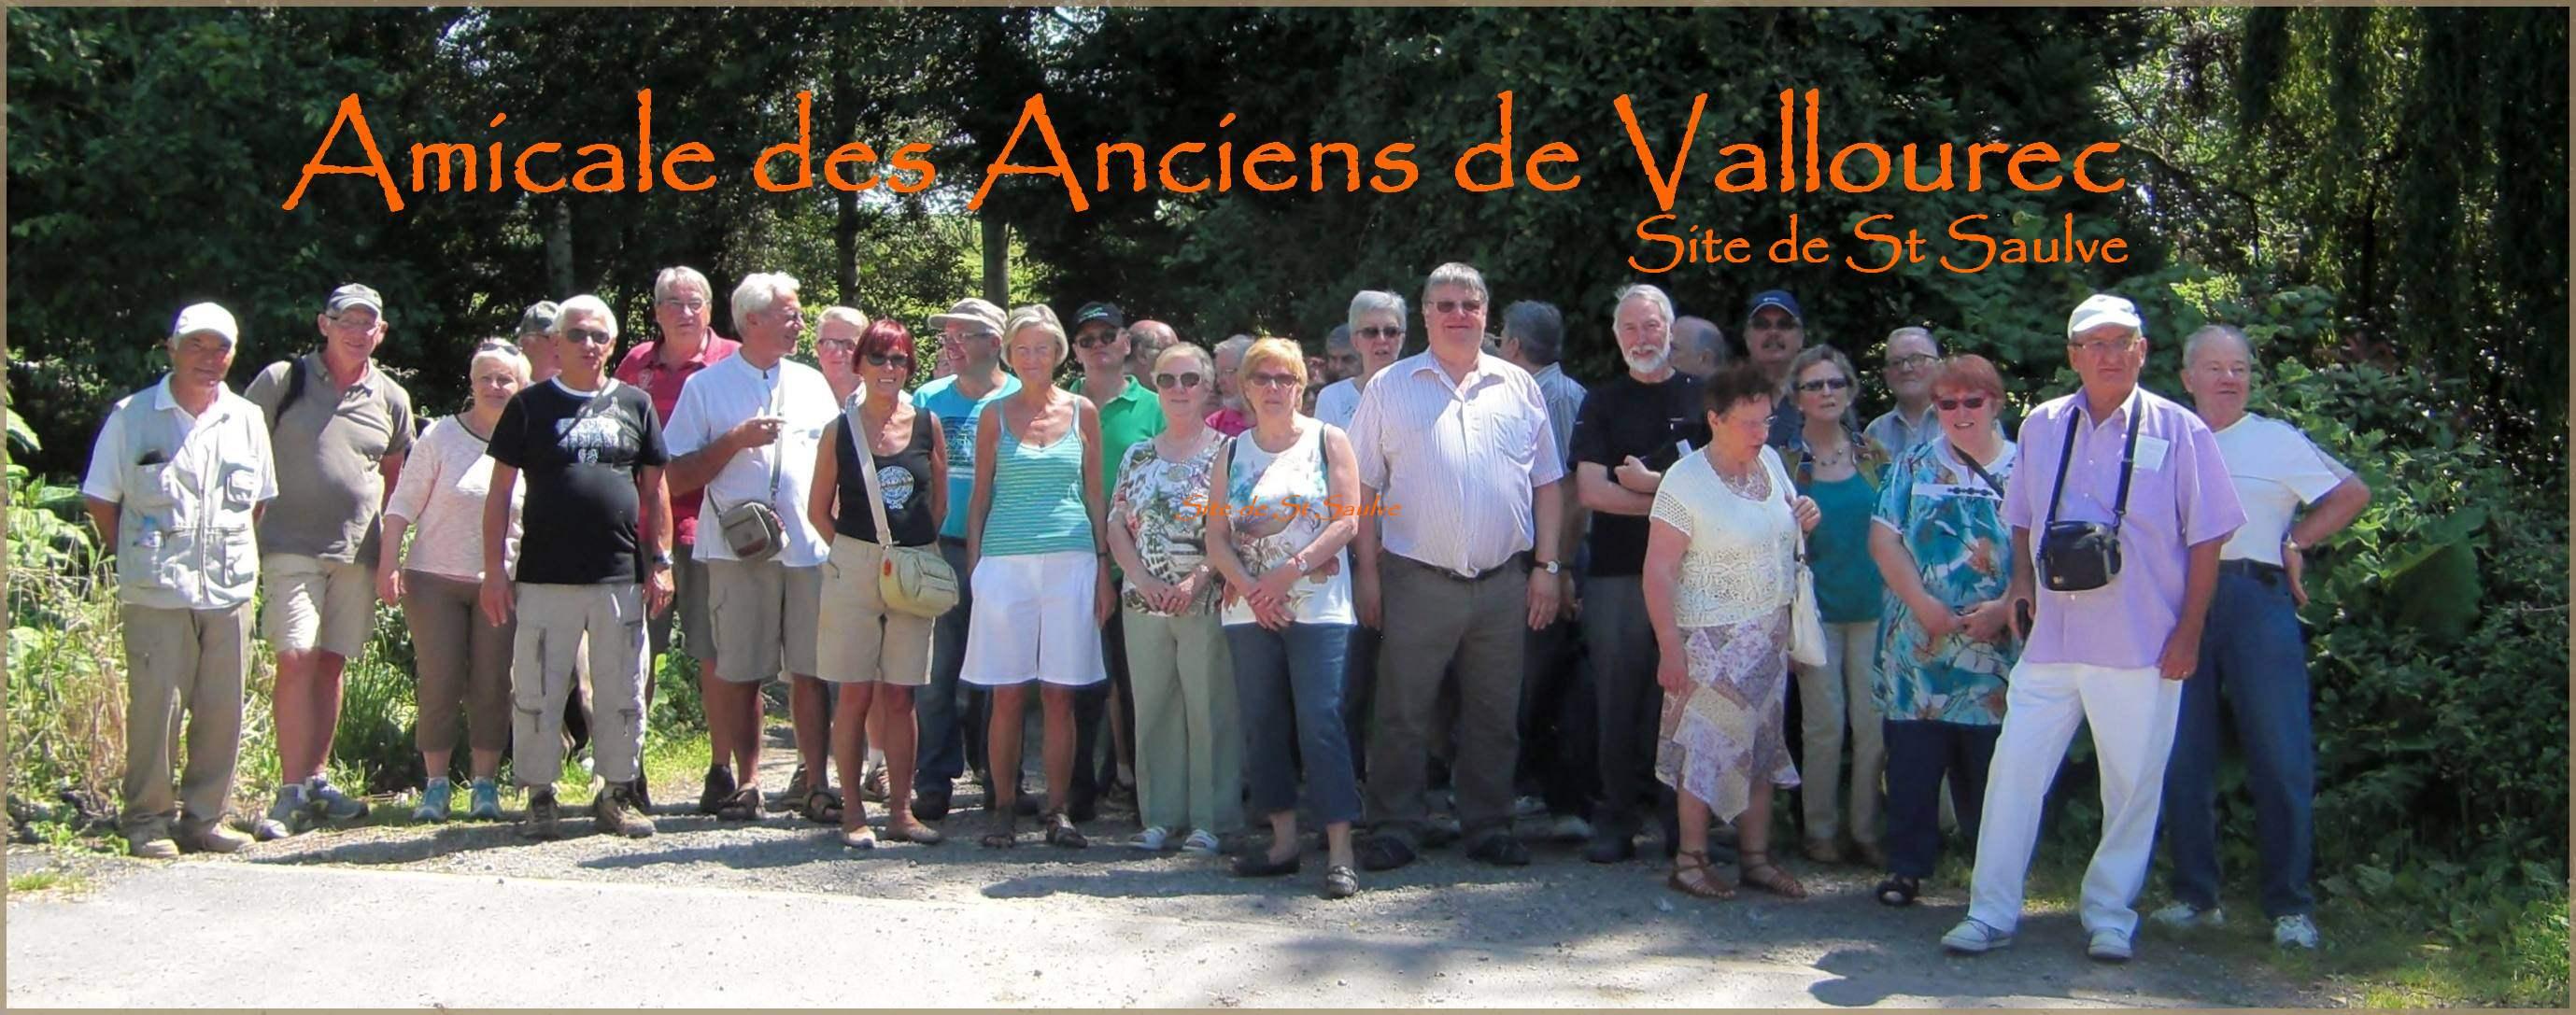 En tête_ amicale des anciens de Vallourec